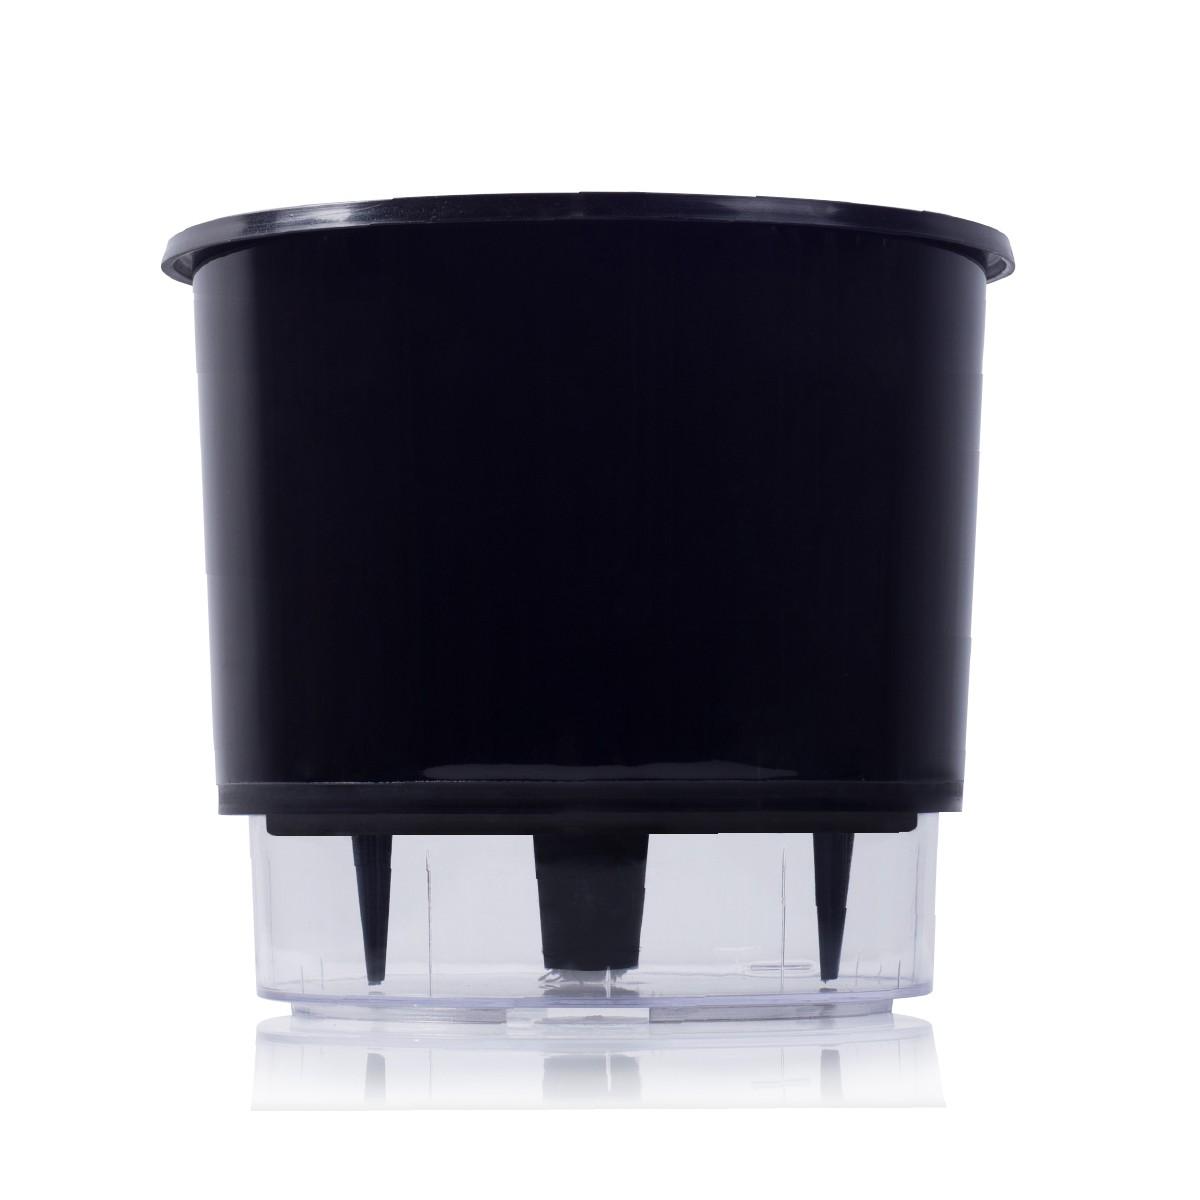 Vaso Autoirrigável Preto Grande 21,5cm x 19cm - N04  - Vasos Raiz Loja Oficial